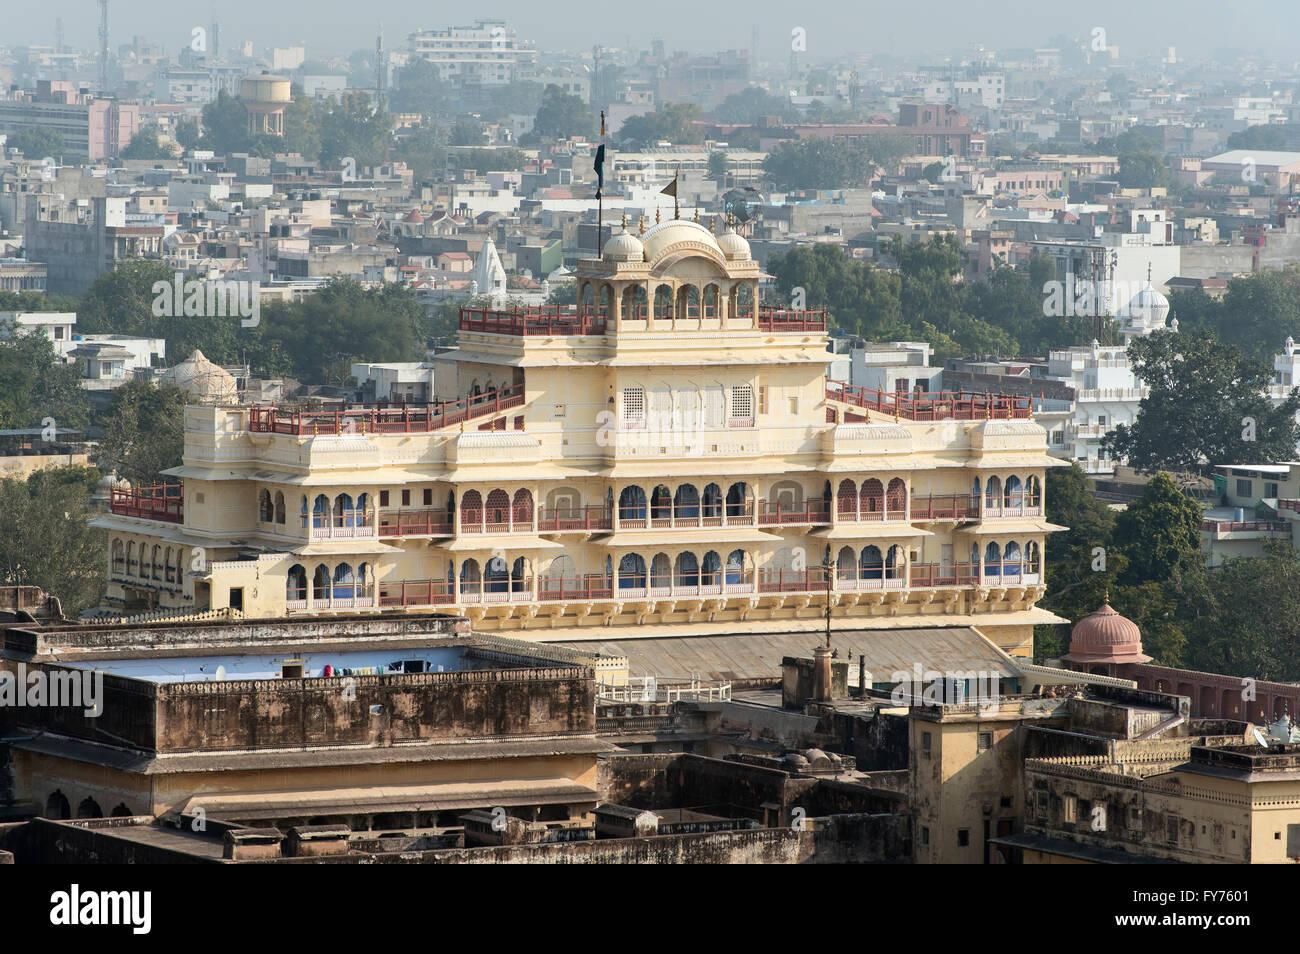 Chandra Mahal or Niwas Building of City Palace, Jaipur, Rajasthan, India - Stock Image